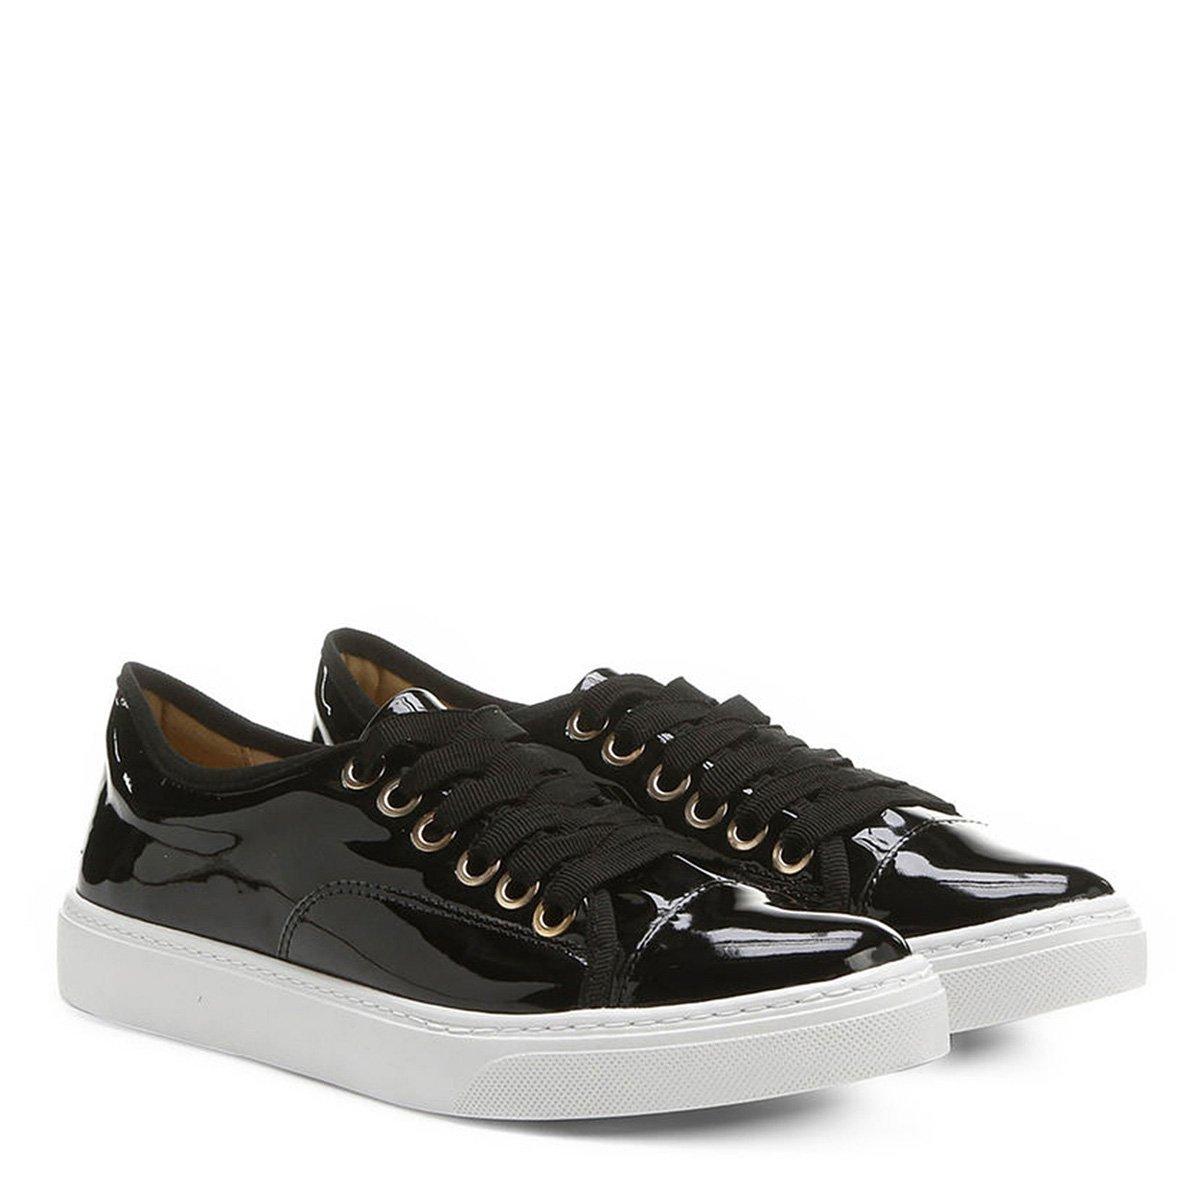 56b6a8bdd93 Tênis Shoestock Verniz - Preto - Compre Agora